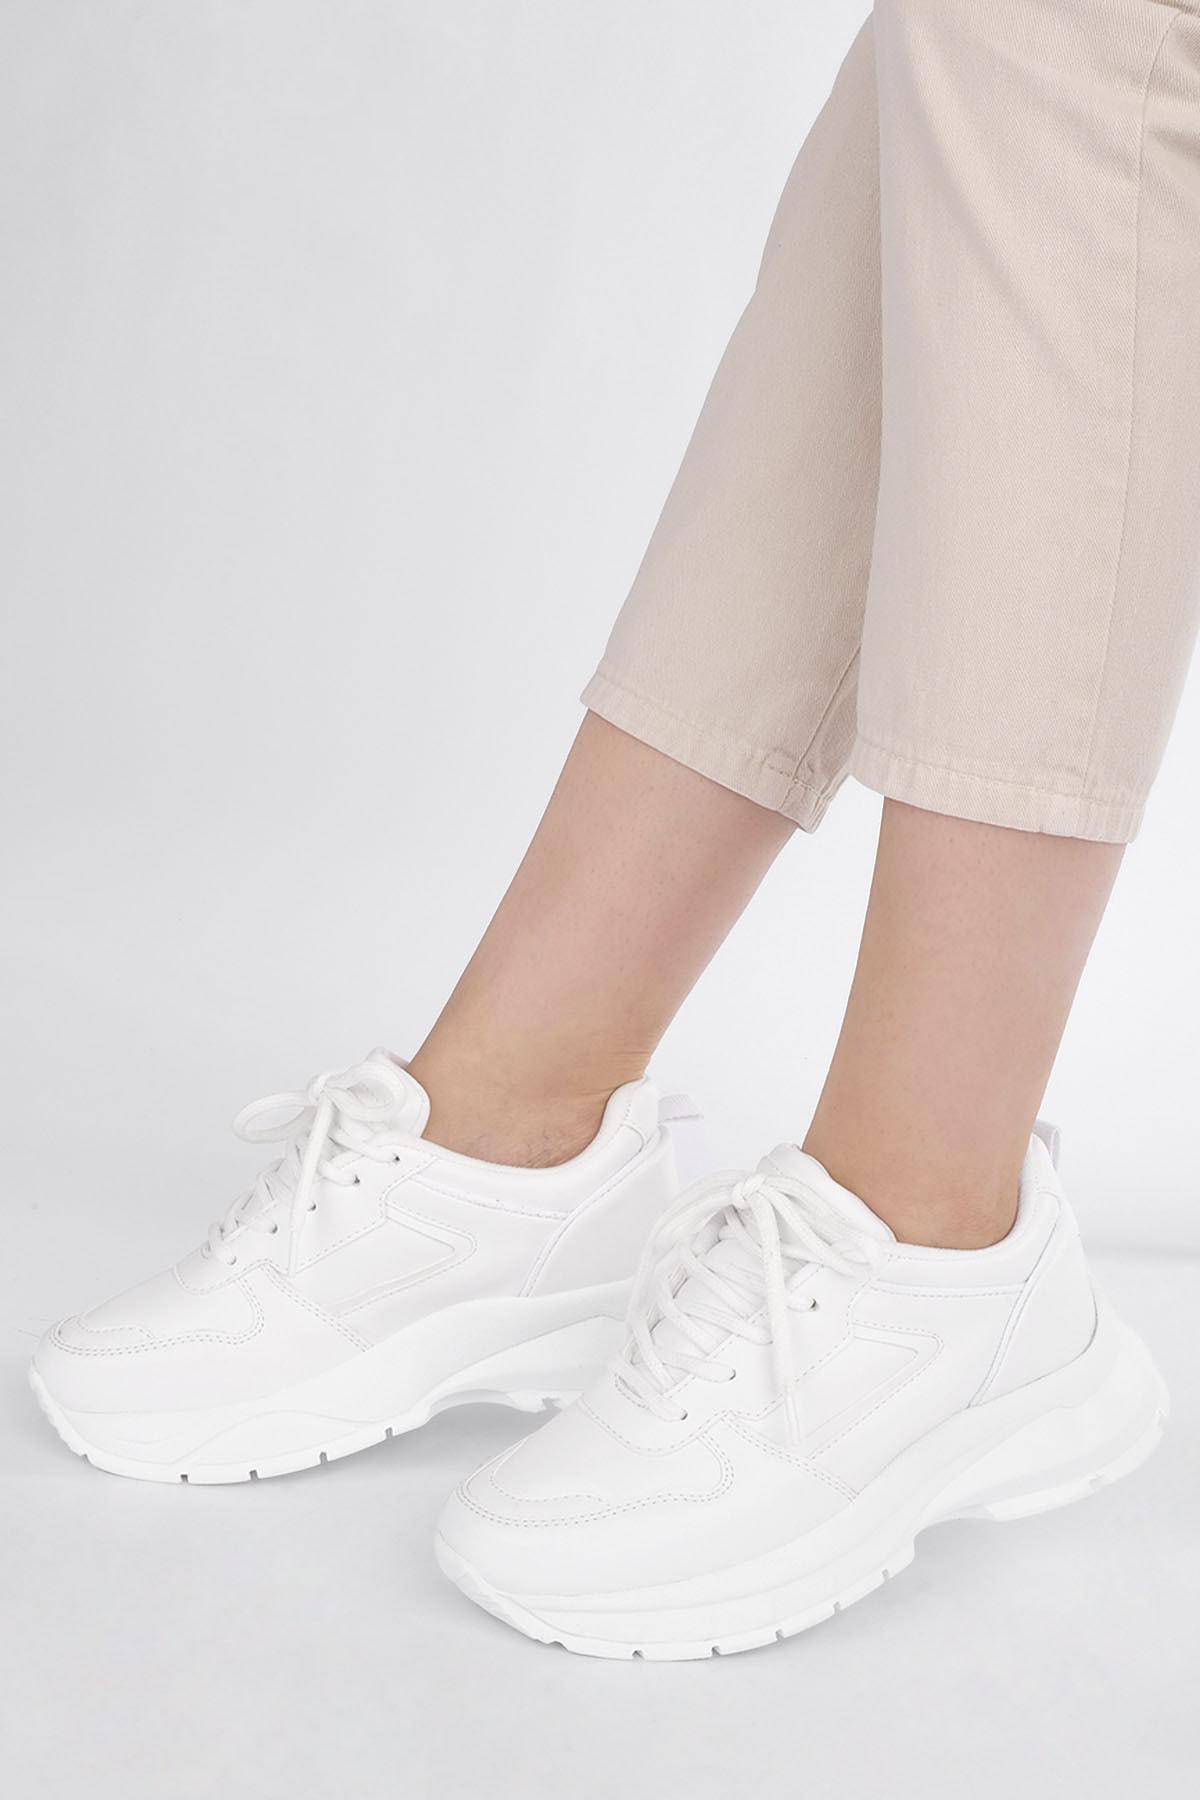 Marjin Kadın Beyaz Sneaker Dolgu Topuk Spor Ayakkabı Besri